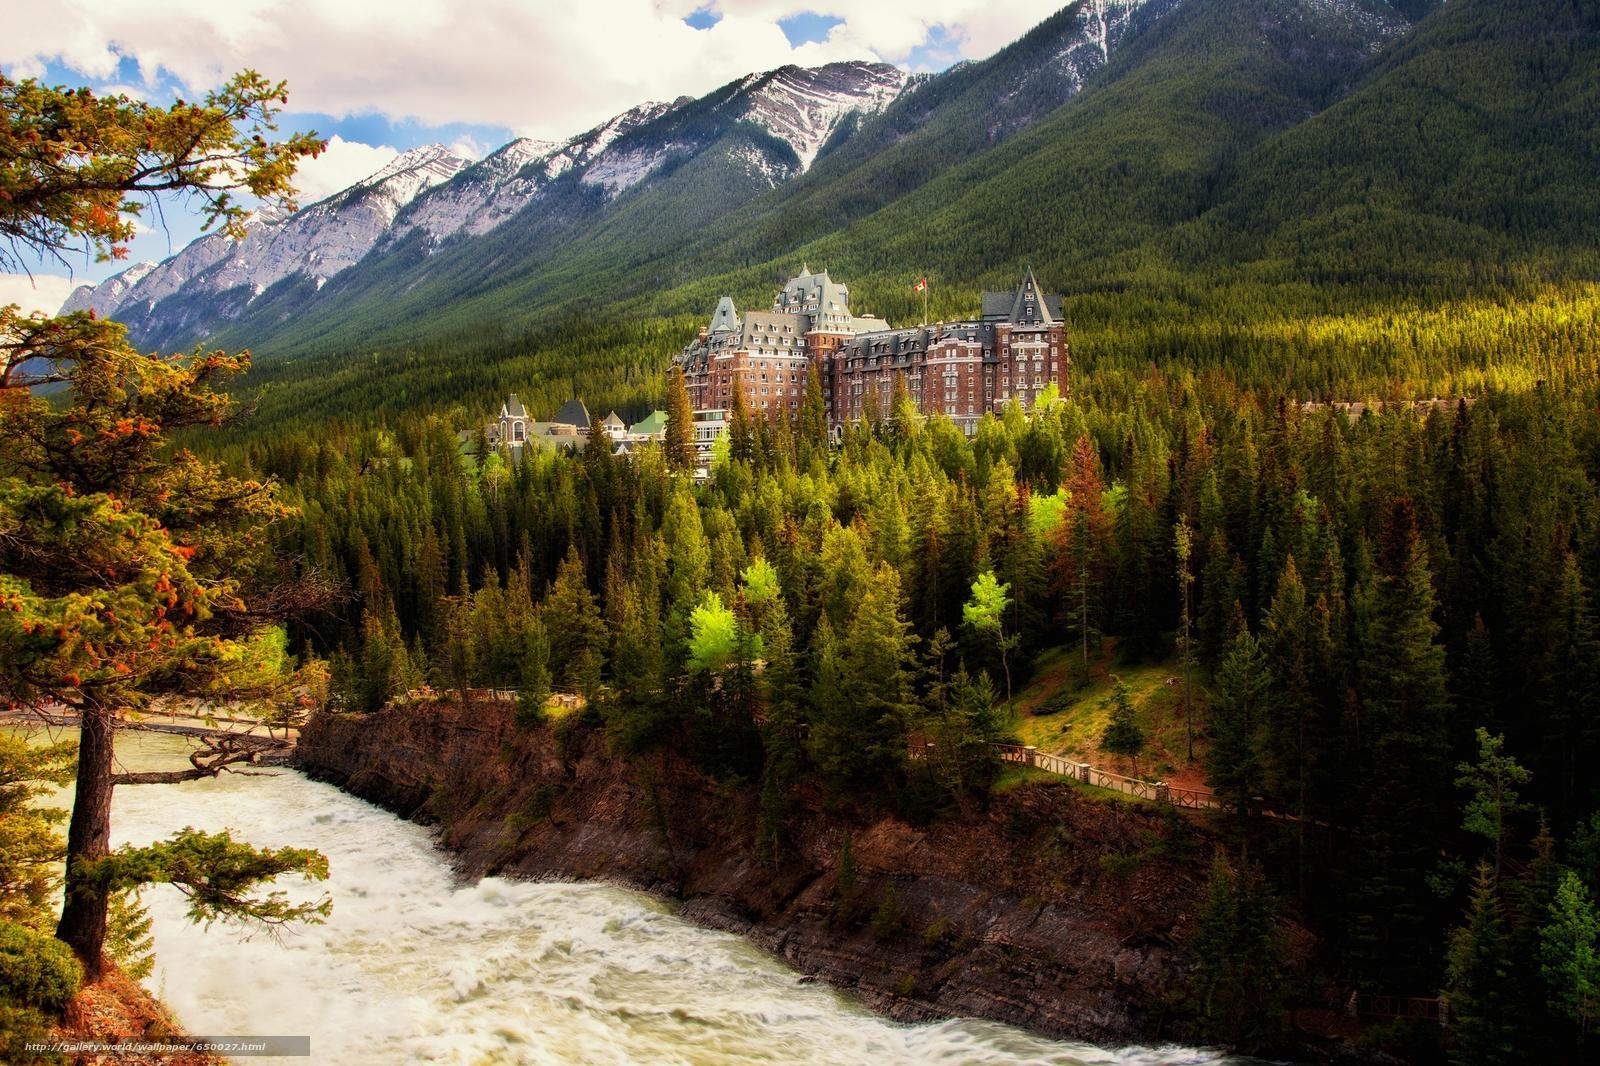 Скачать обои Banff Springs Hotel,  Banff National Park,  Banff,  Alberta бесплатно для рабочего стола в разрешении 2048x1365 — картинка №650027